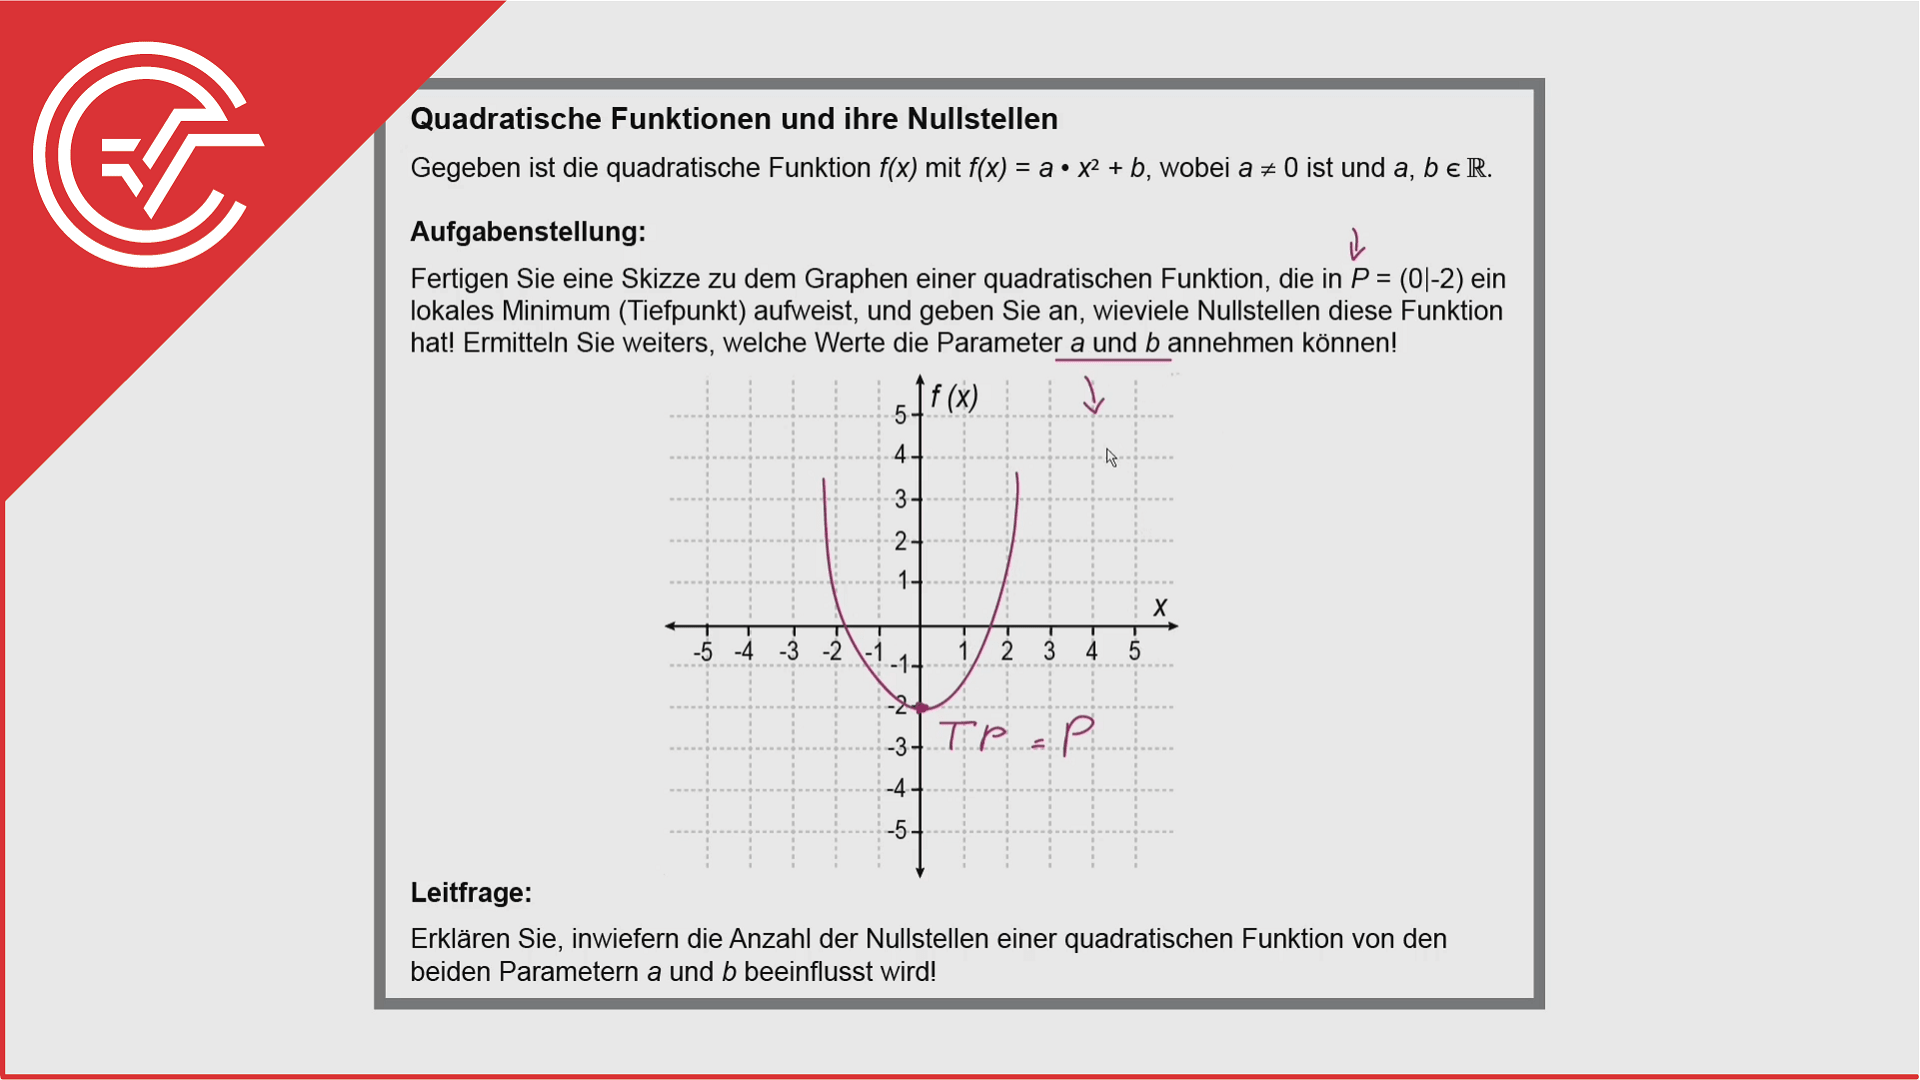 Kompensationsprüfung Aufgabe 3 - Quadratische Funktionen